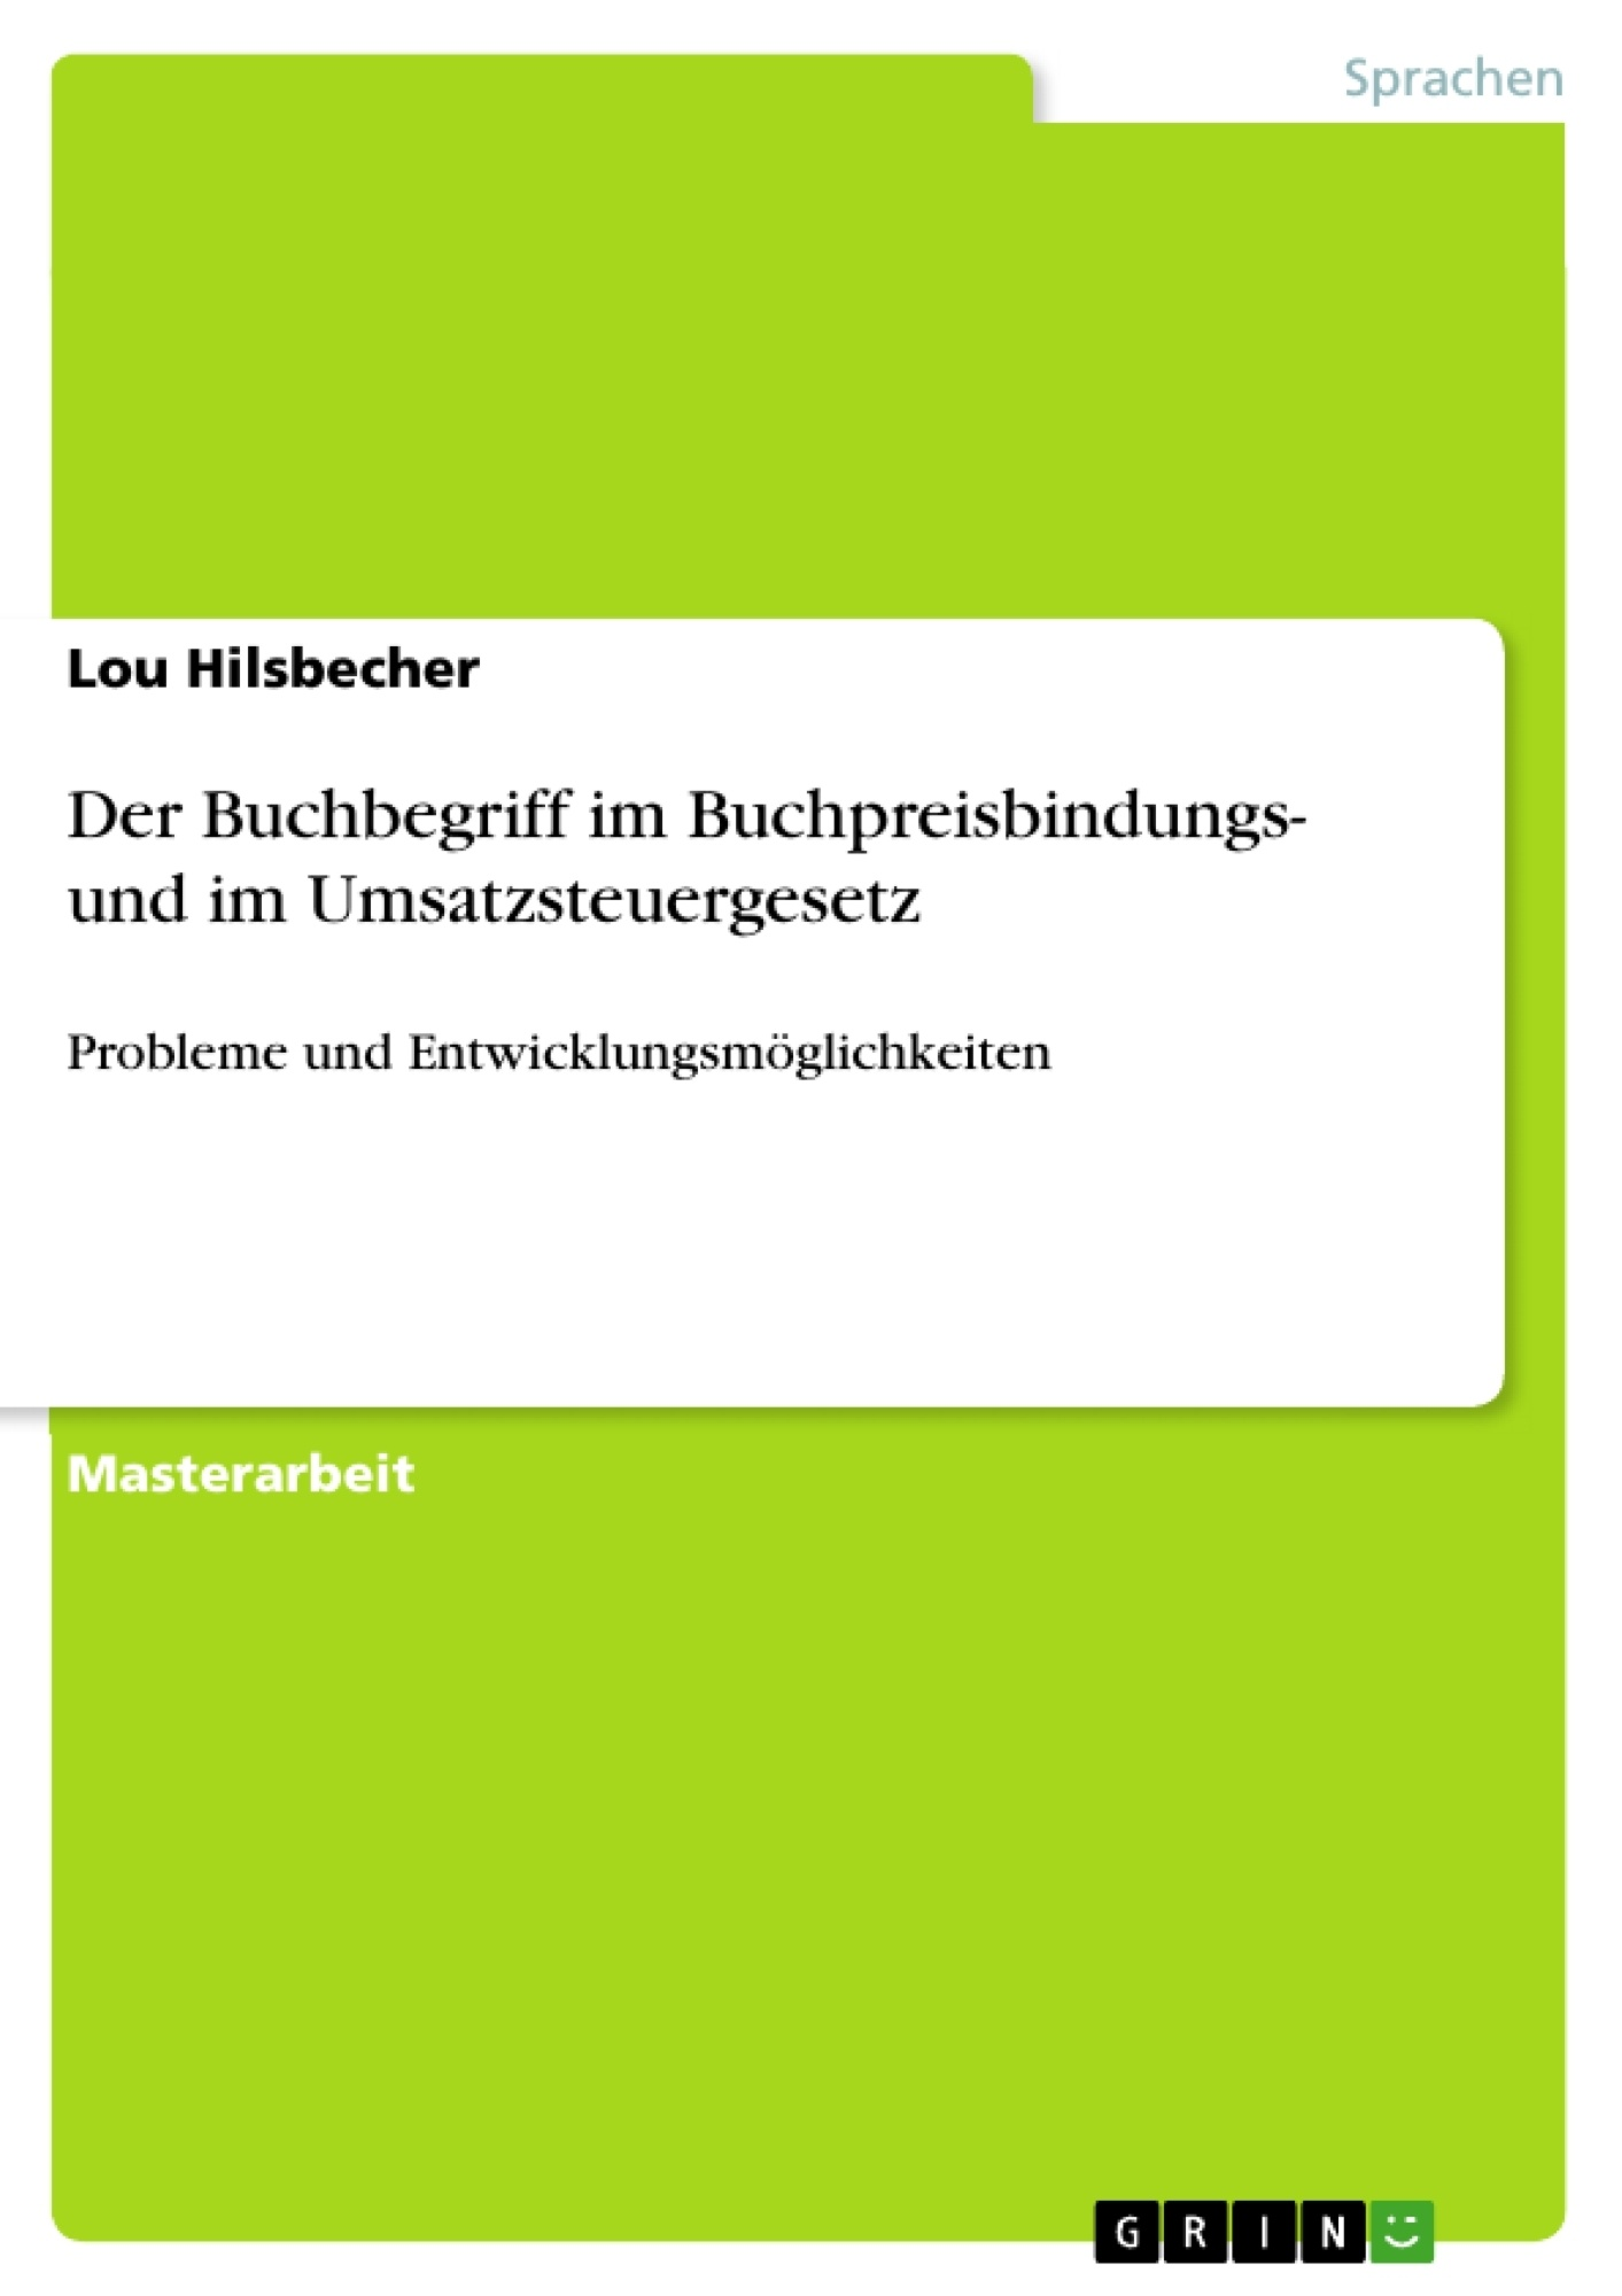 Titel: Der Buchbegriff im Buchpreisbindungs- und im Umsatzsteuergesetz